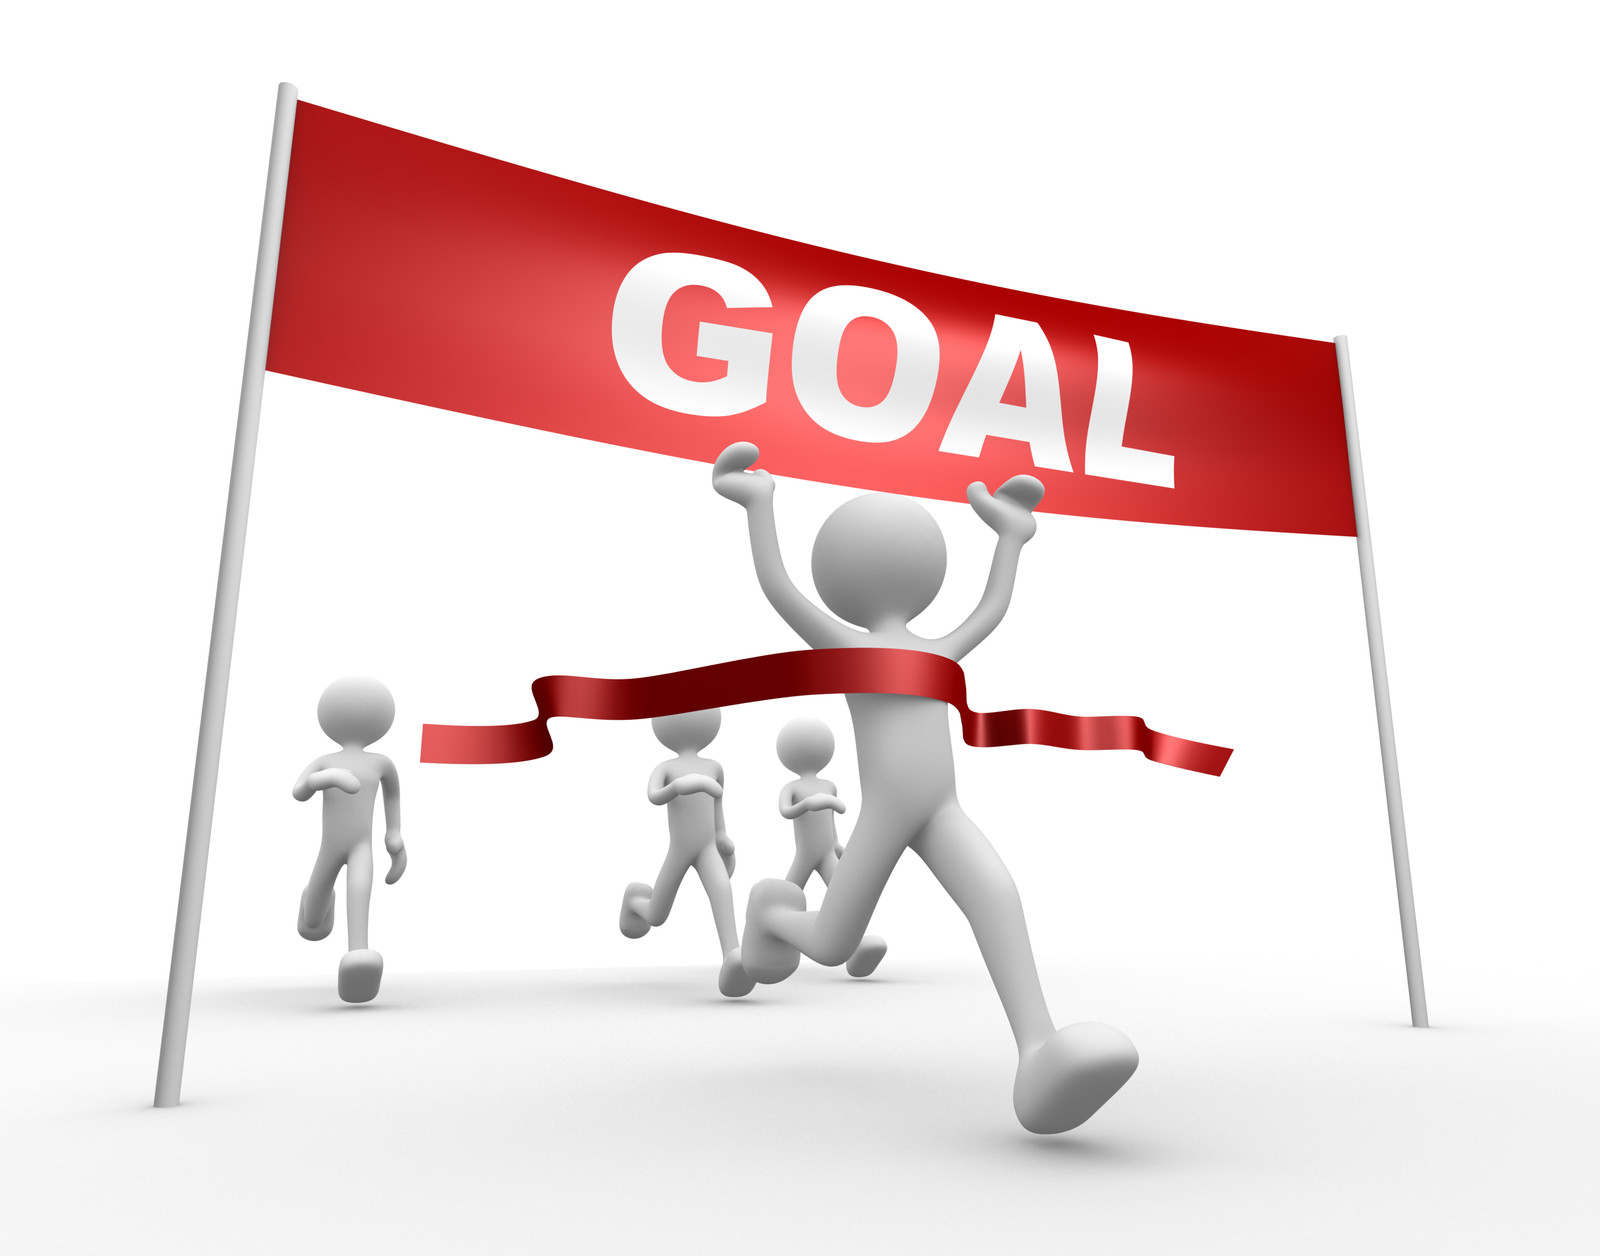 Meeting goals . Goal clipart